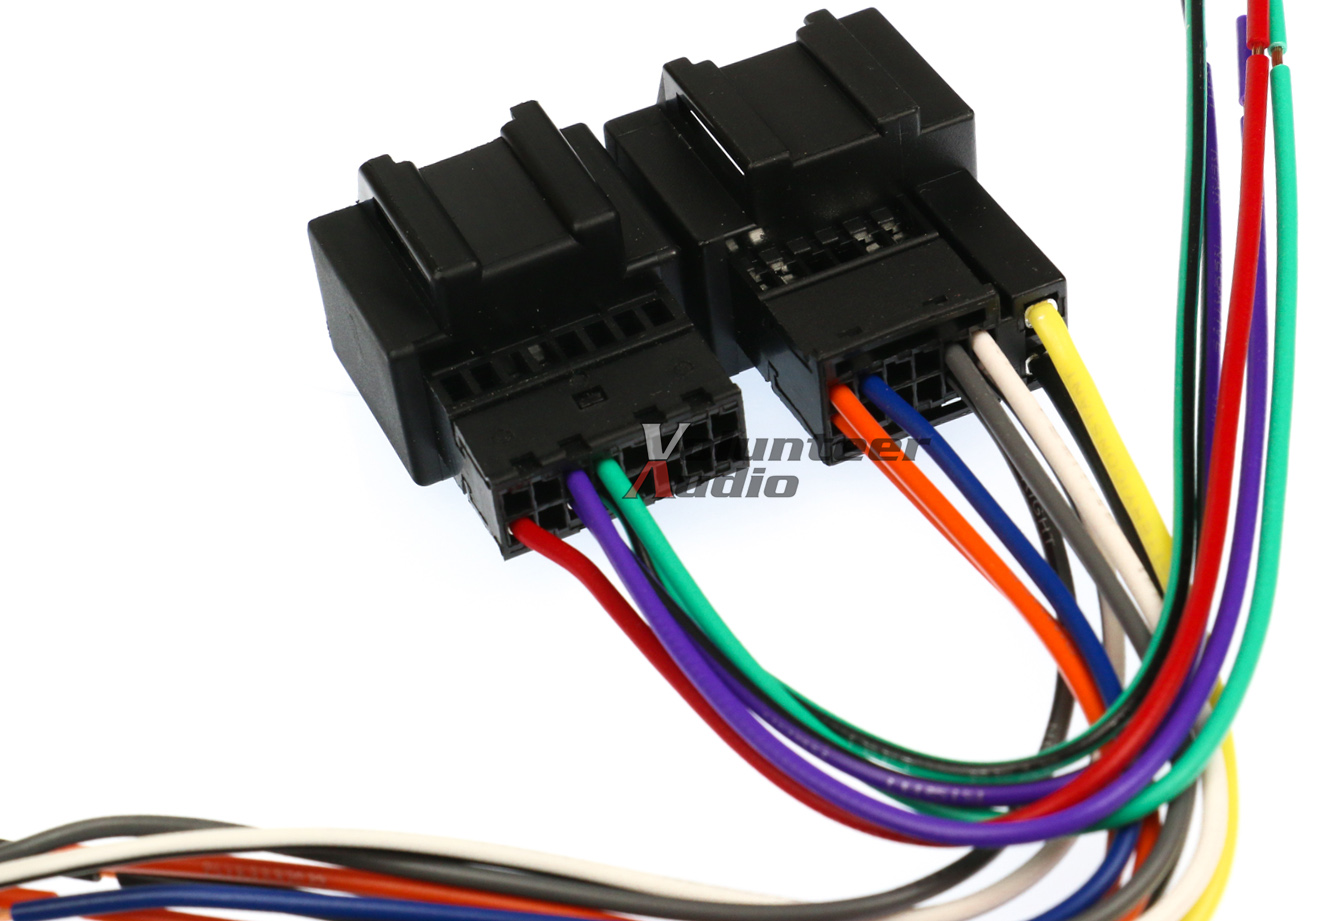 scosche wiring diagram for 2004 chevy aveo scosche diy wiring scosche wiring diagram for 2004 chevy aveo scosche diy wiring diagrams